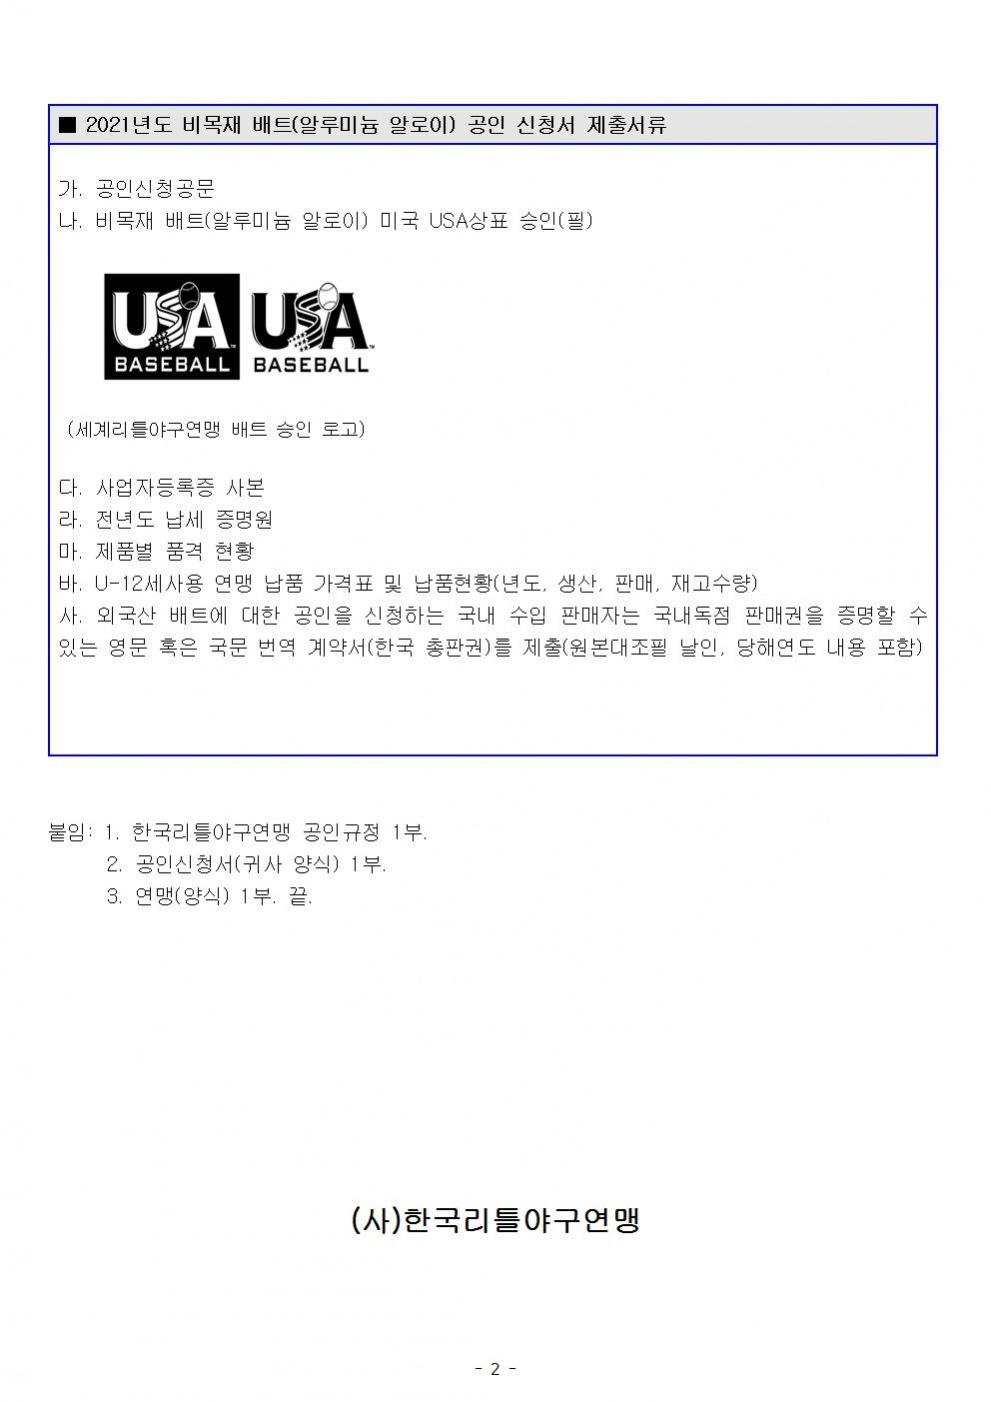 2021년도 한국리틀야구연맹 (공, 배트)공인신청안내(공고문)002.jpg